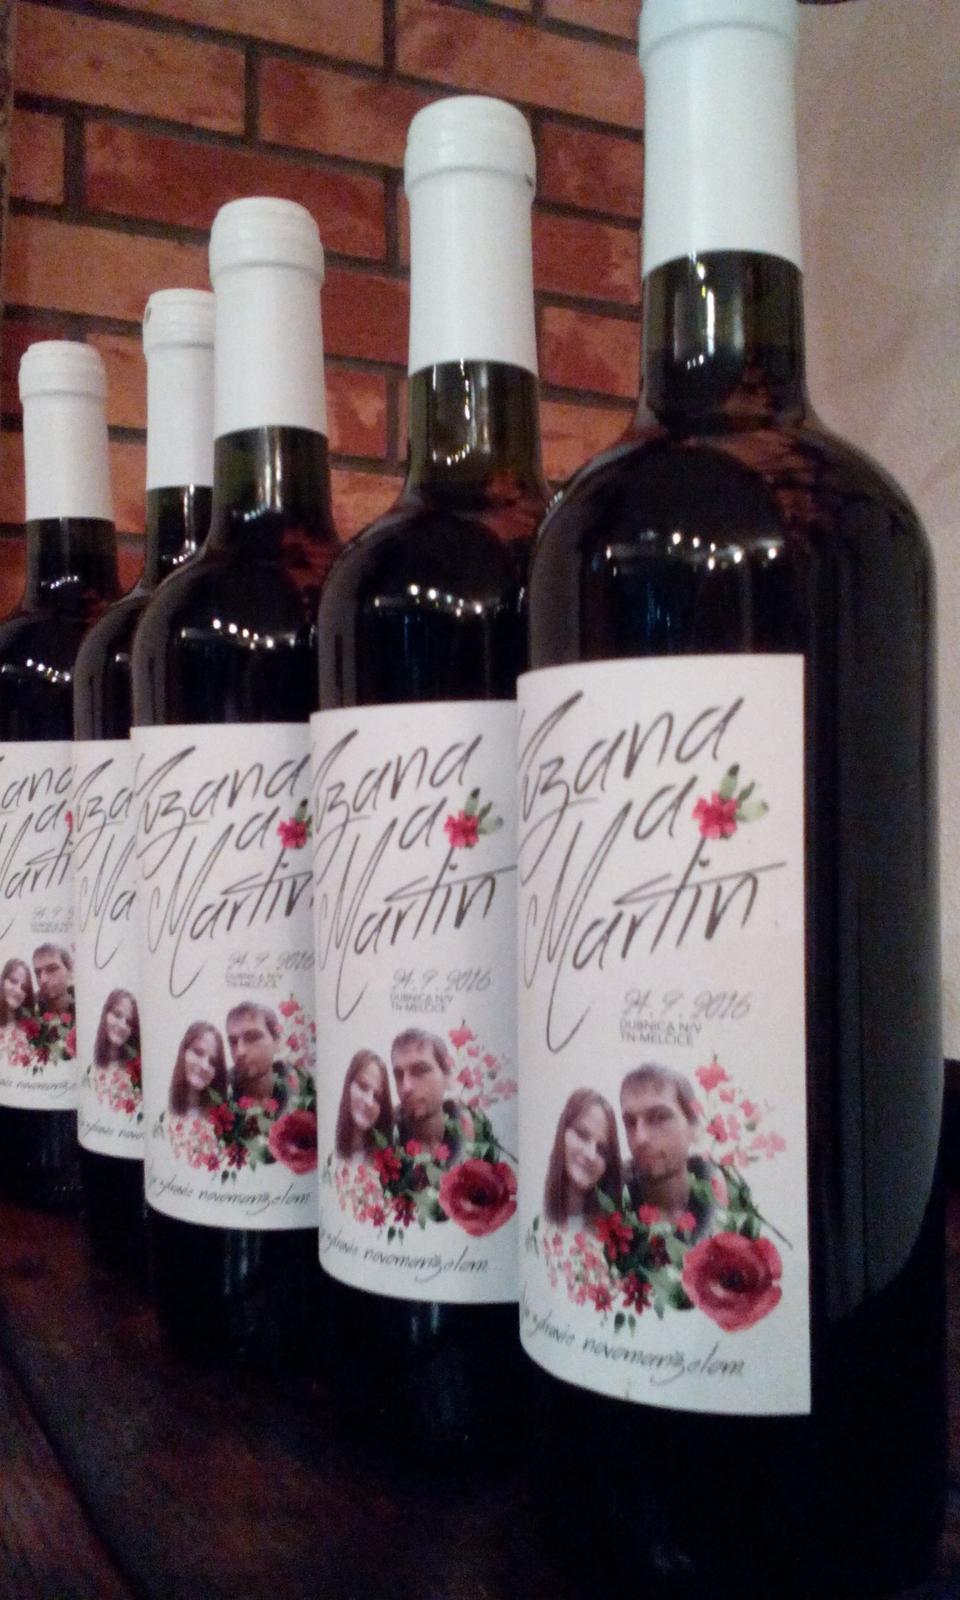 vinomaravilla - Svadobná fotografia zakomponovaná do štýlového písma na etikete